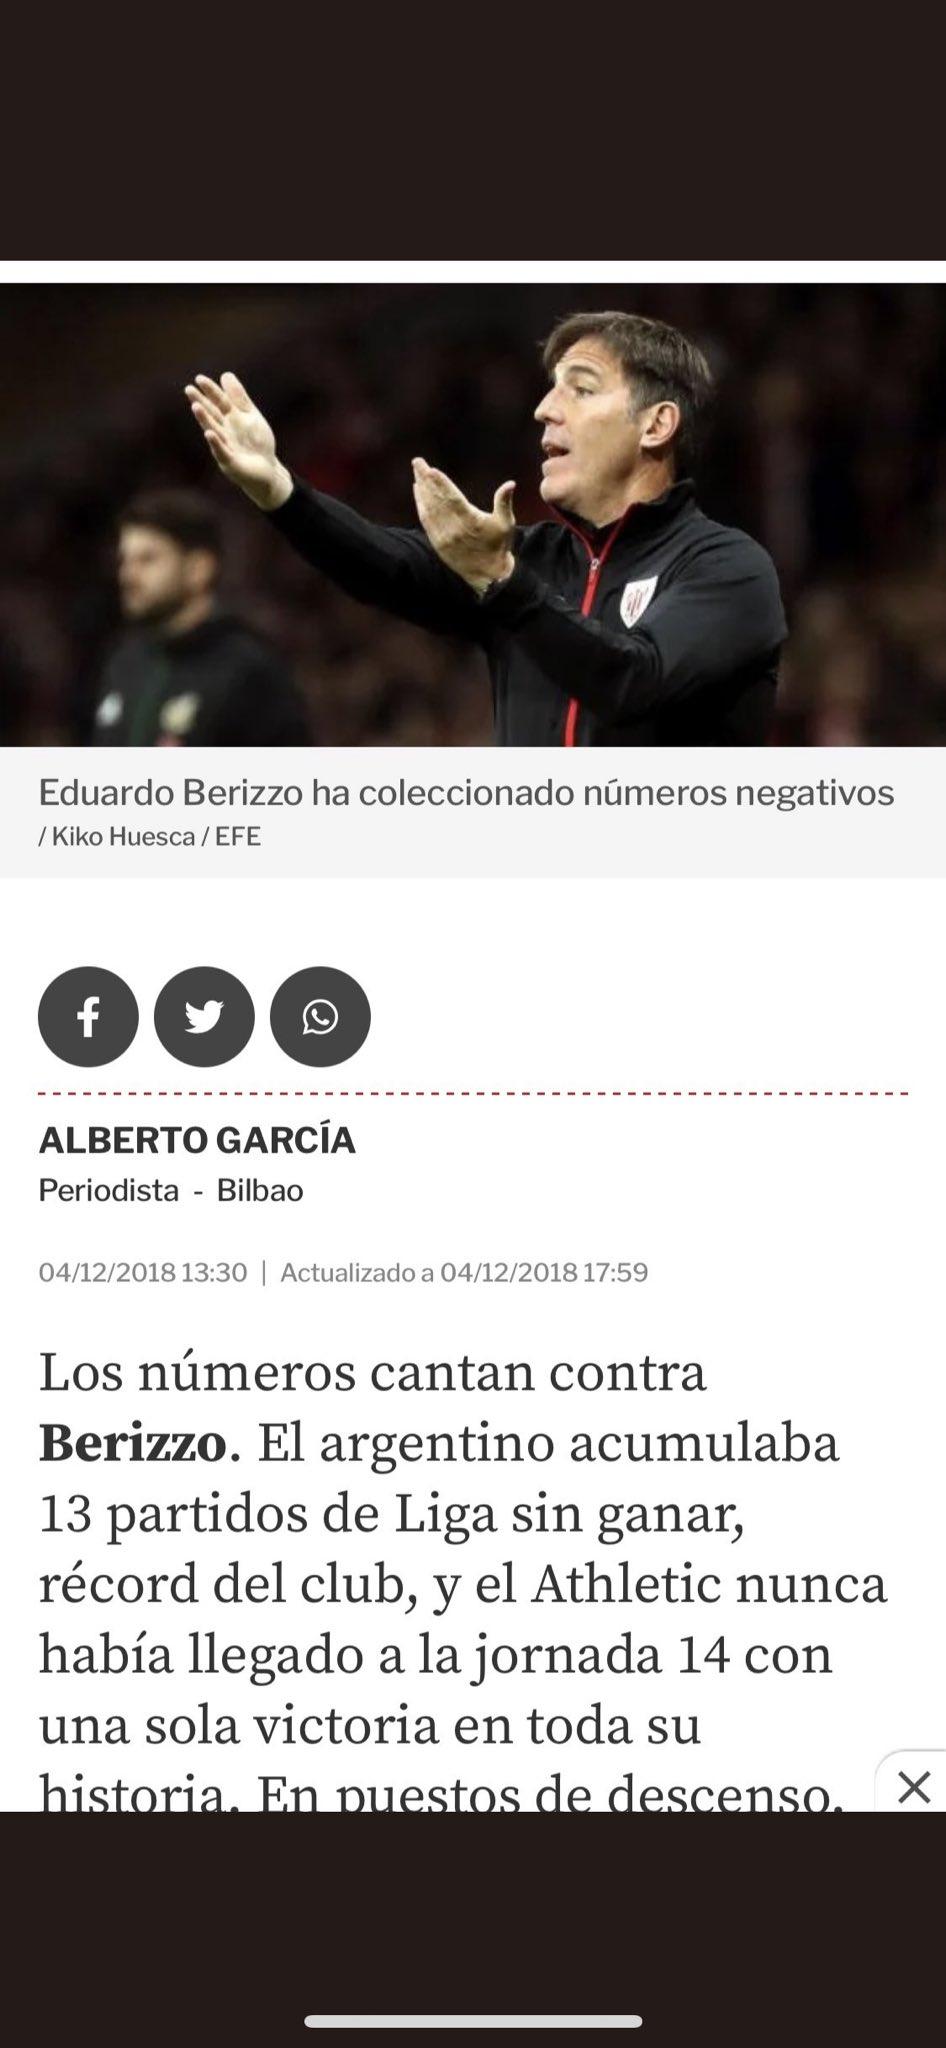 Berizzo Twitter